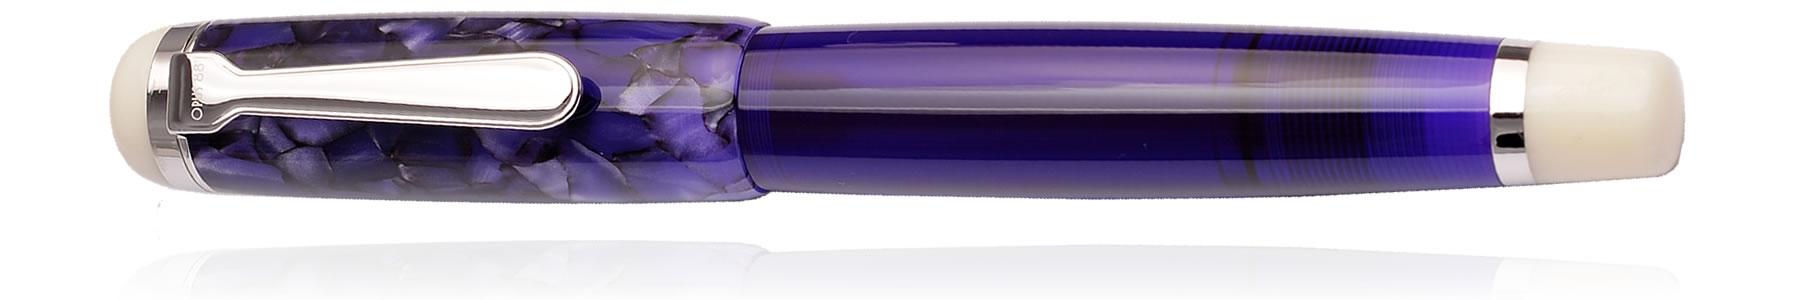 Omar-purple